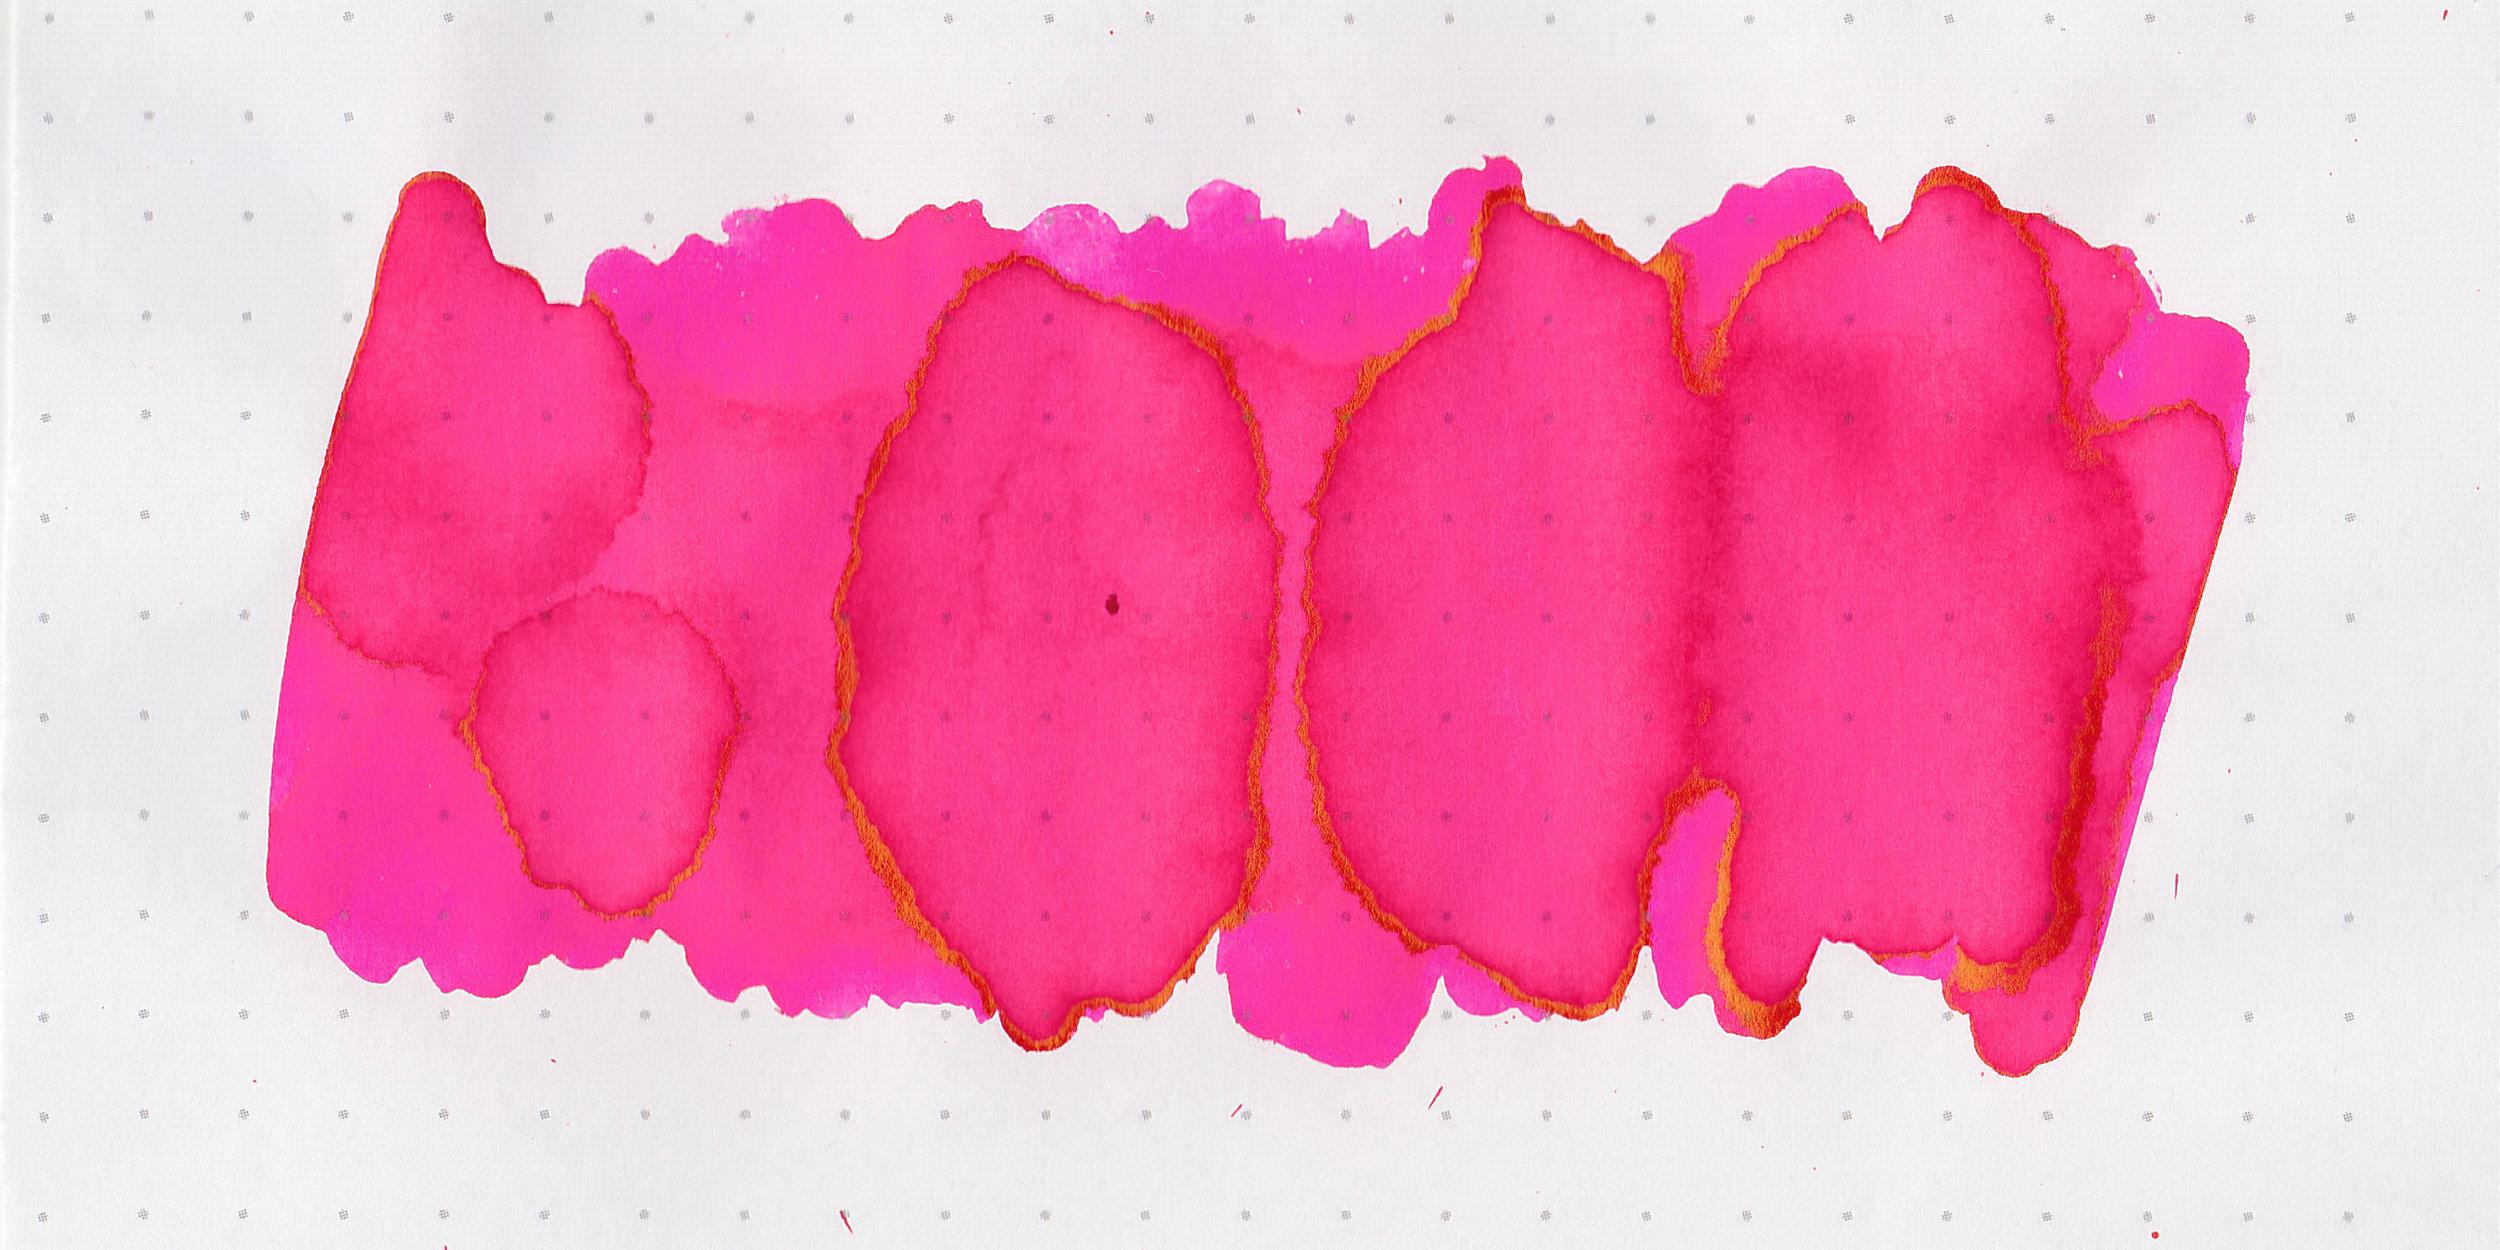 tac-momo-pink-11.jpg